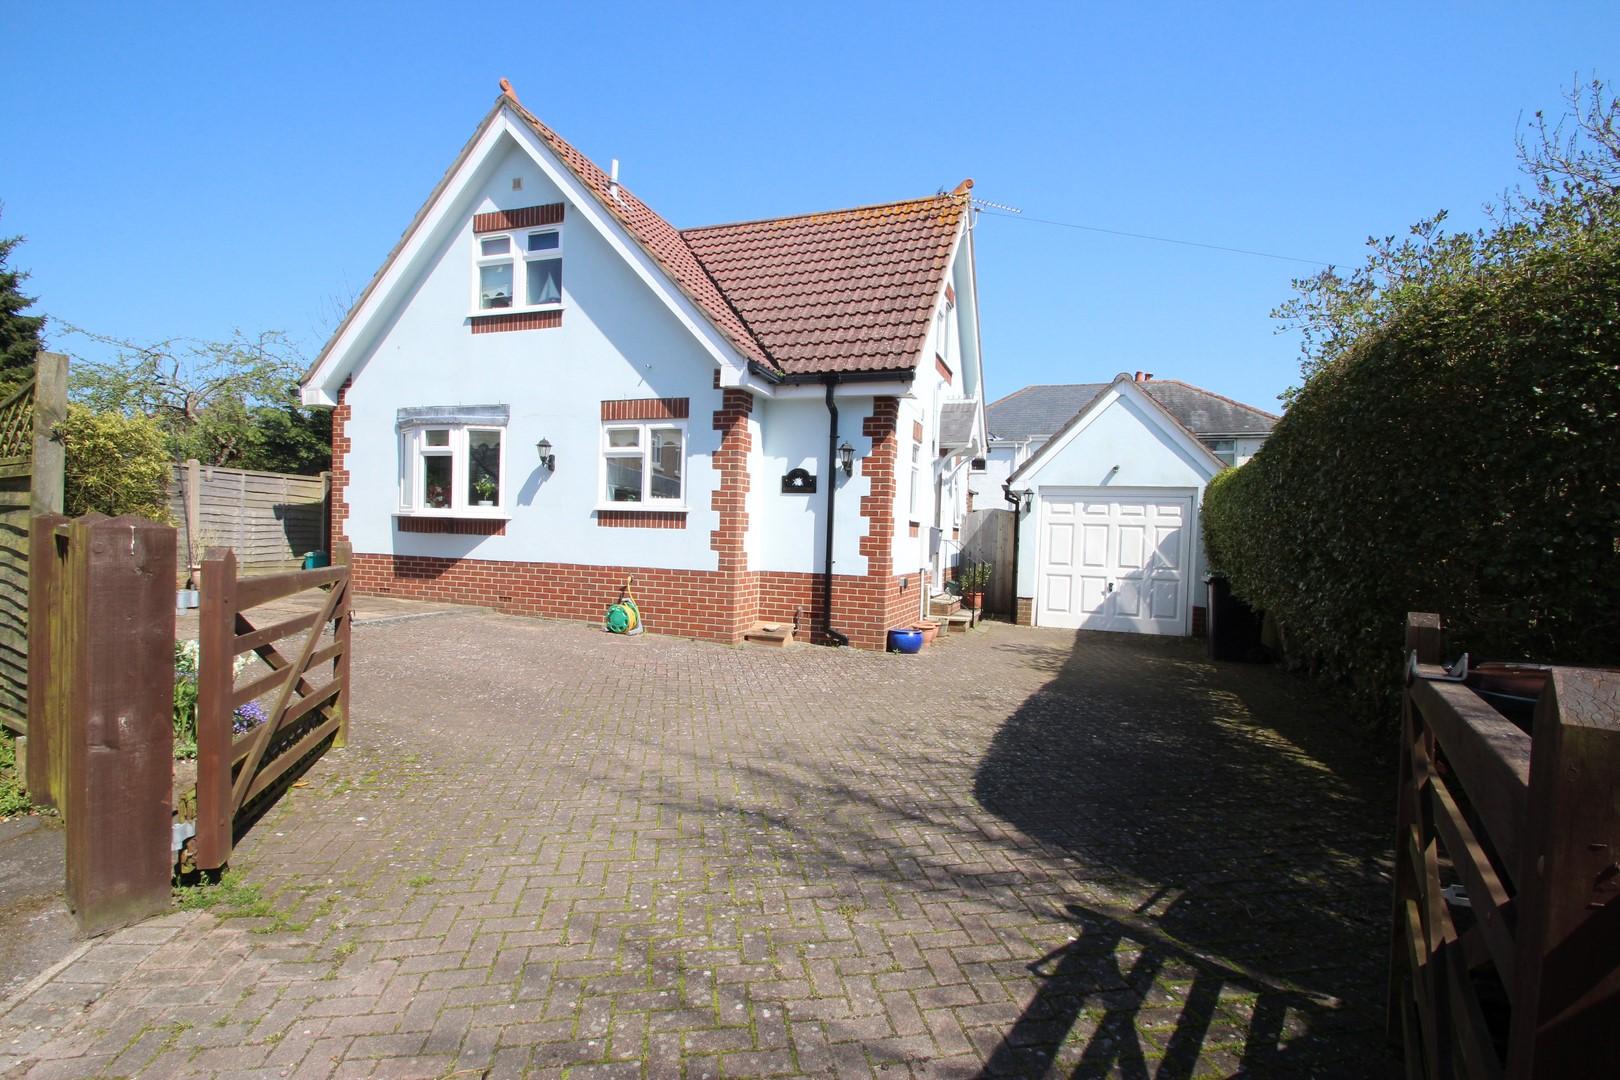 2 Bedroom House in Mudeford